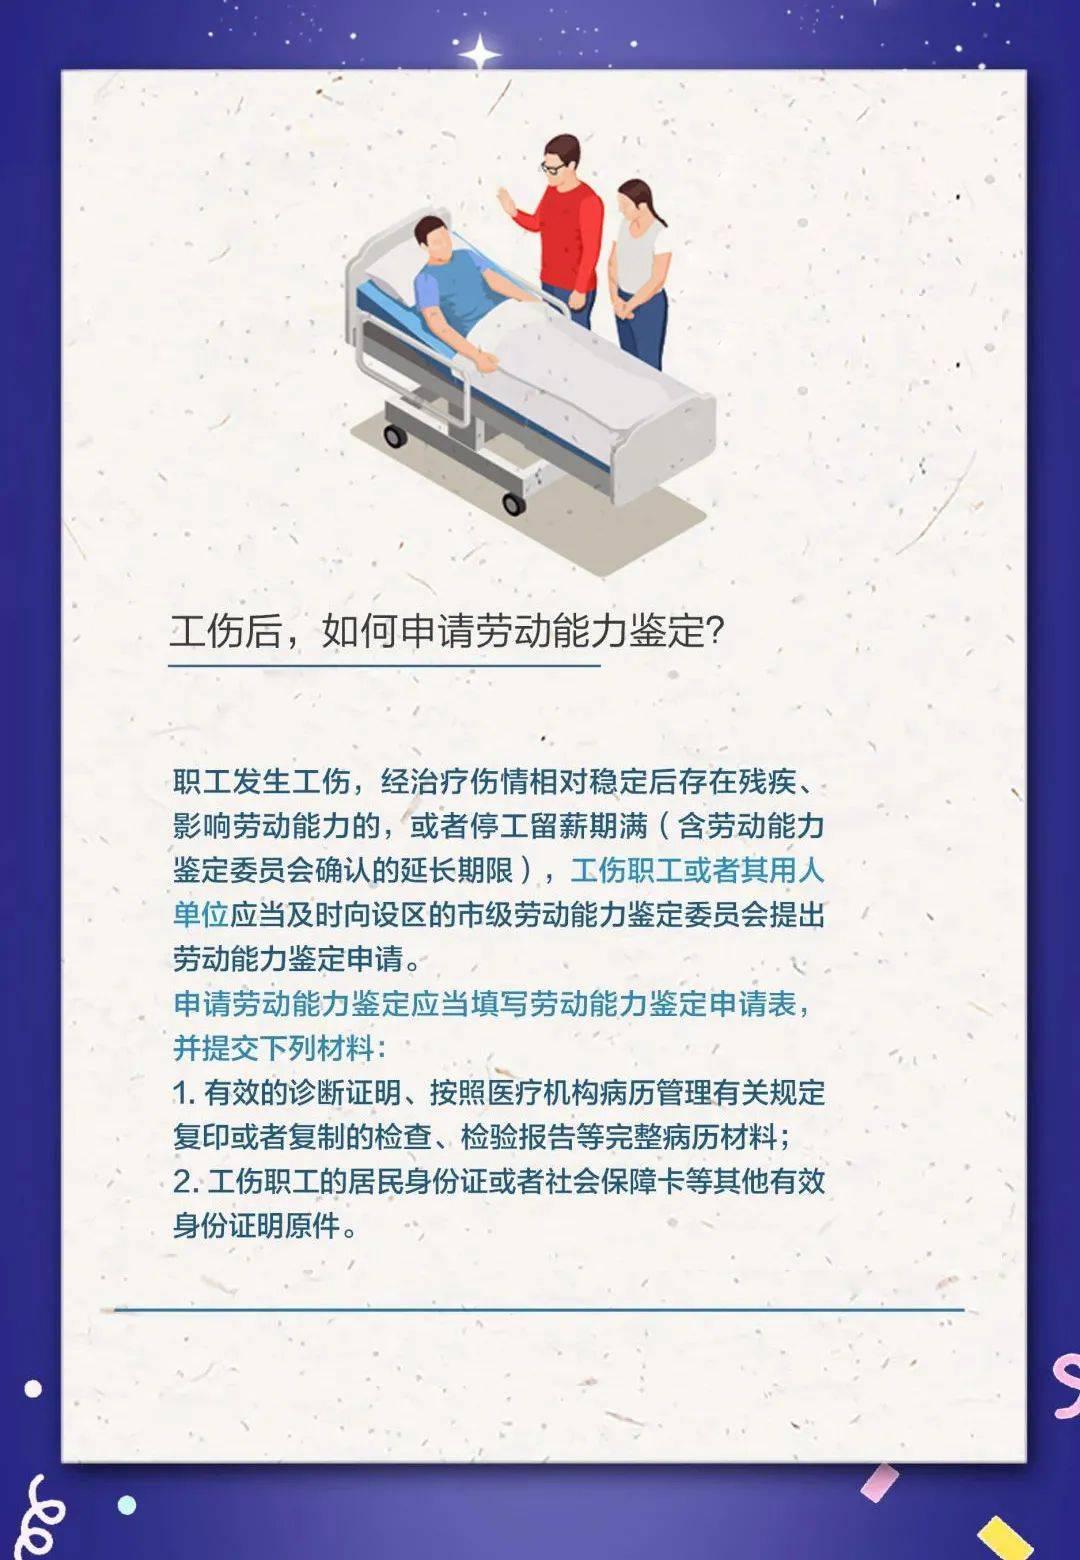 【人社日课】工伤后,如何申请劳动能力鉴定?